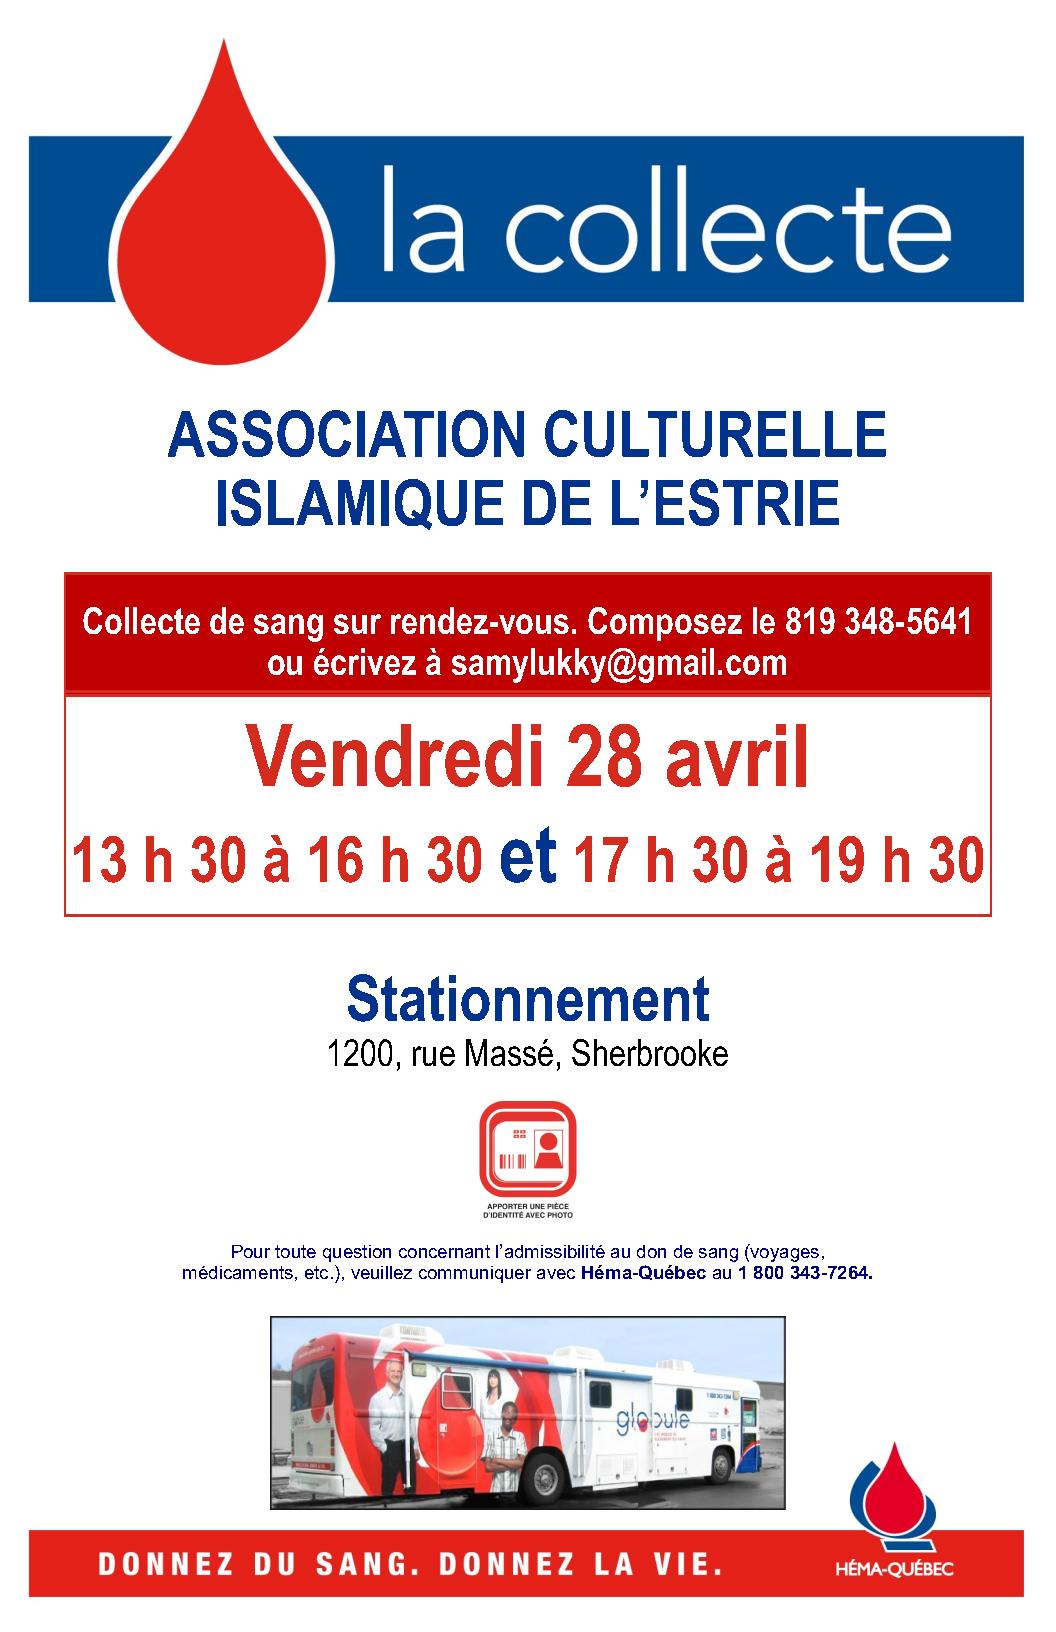 rencontre culturelle et islamique